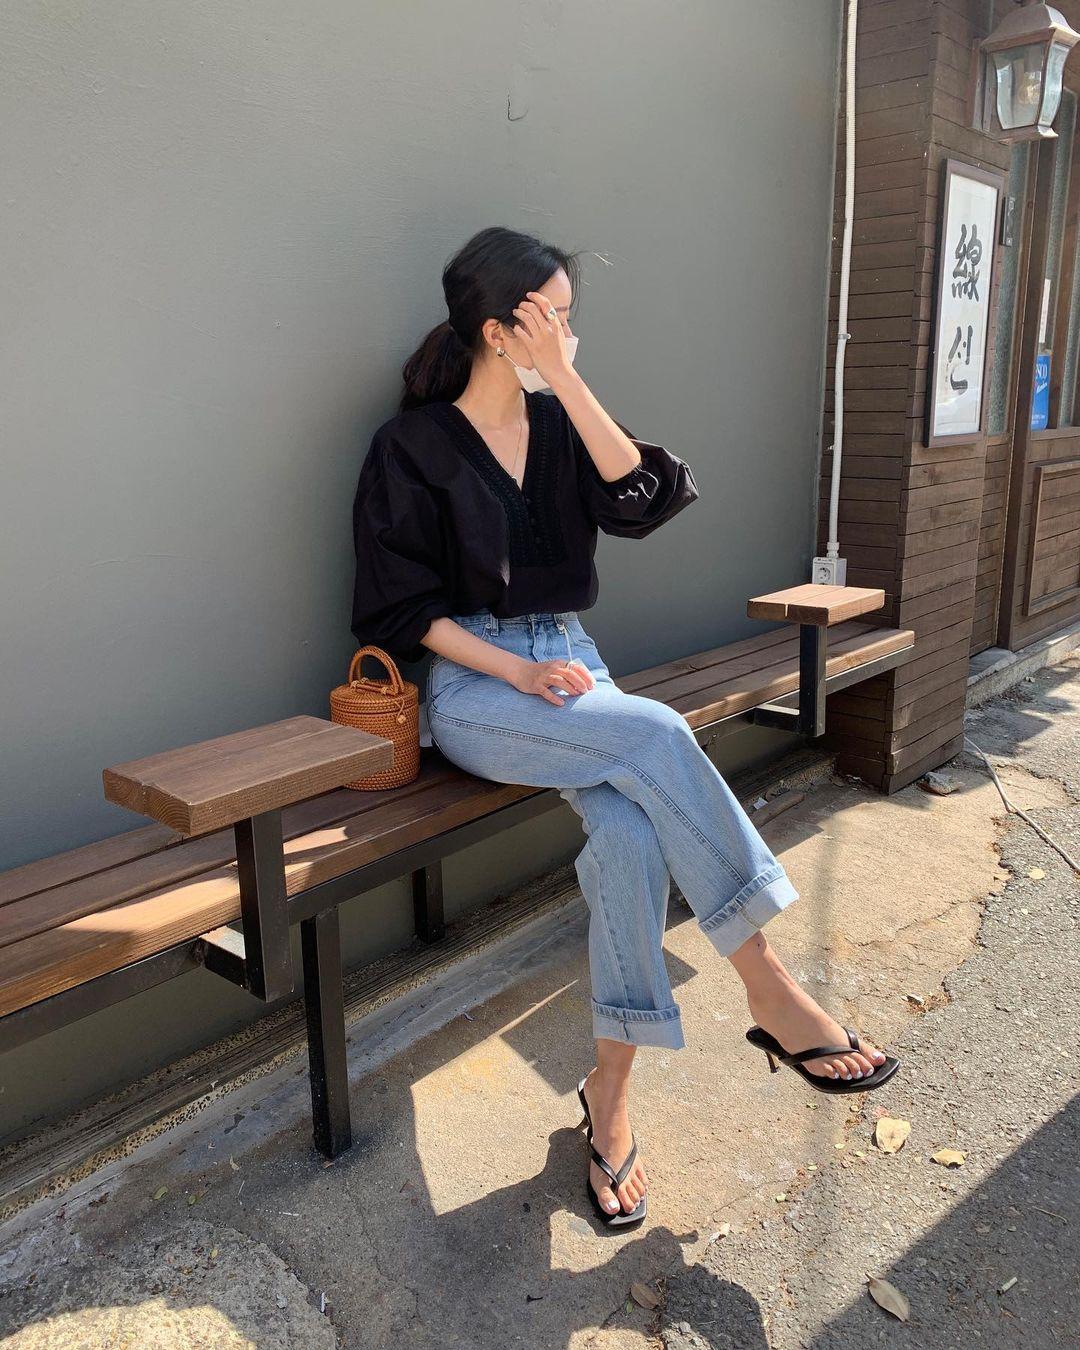 Nàng blogger Hàn có biệt tài diện toàn đồ đơn giản mà ai cũng muốn copy theo, diện đi làm hay đi chơi cũng ổn - Ảnh 1.